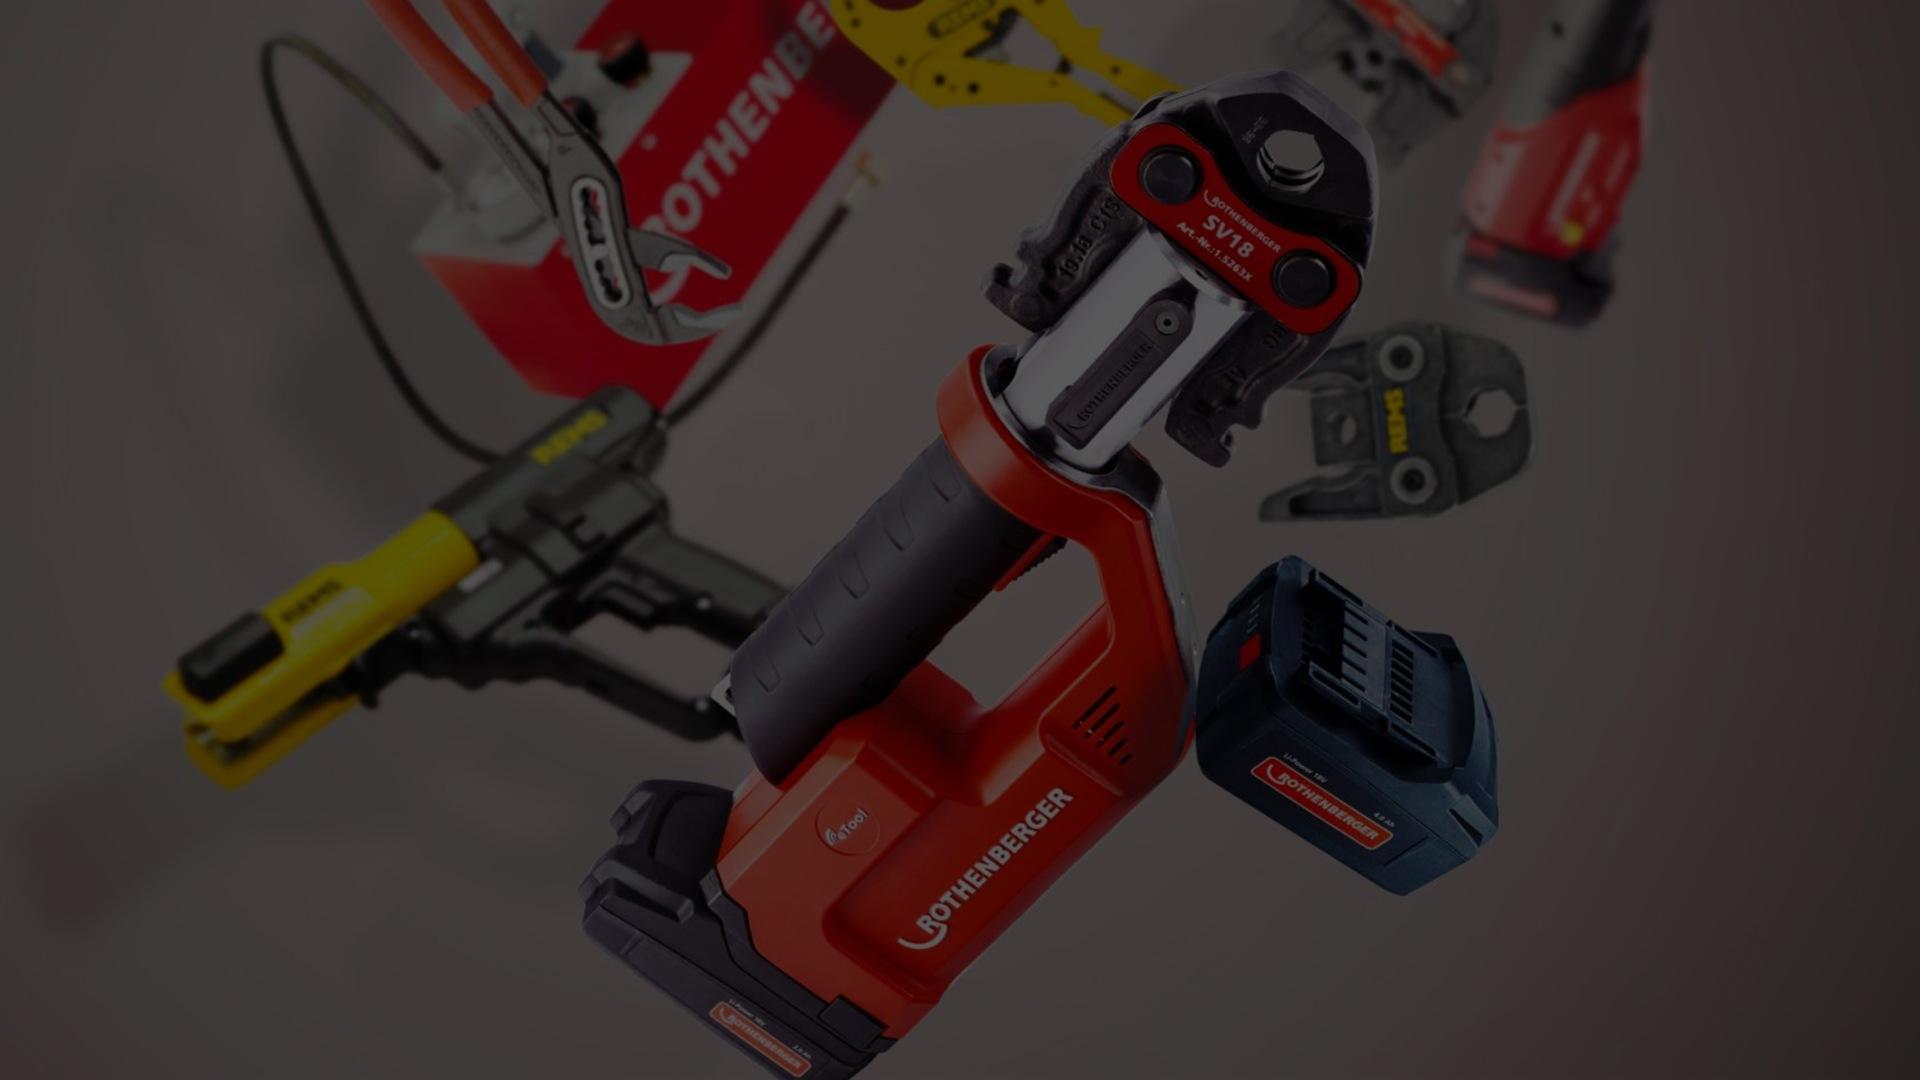 Tools reparing